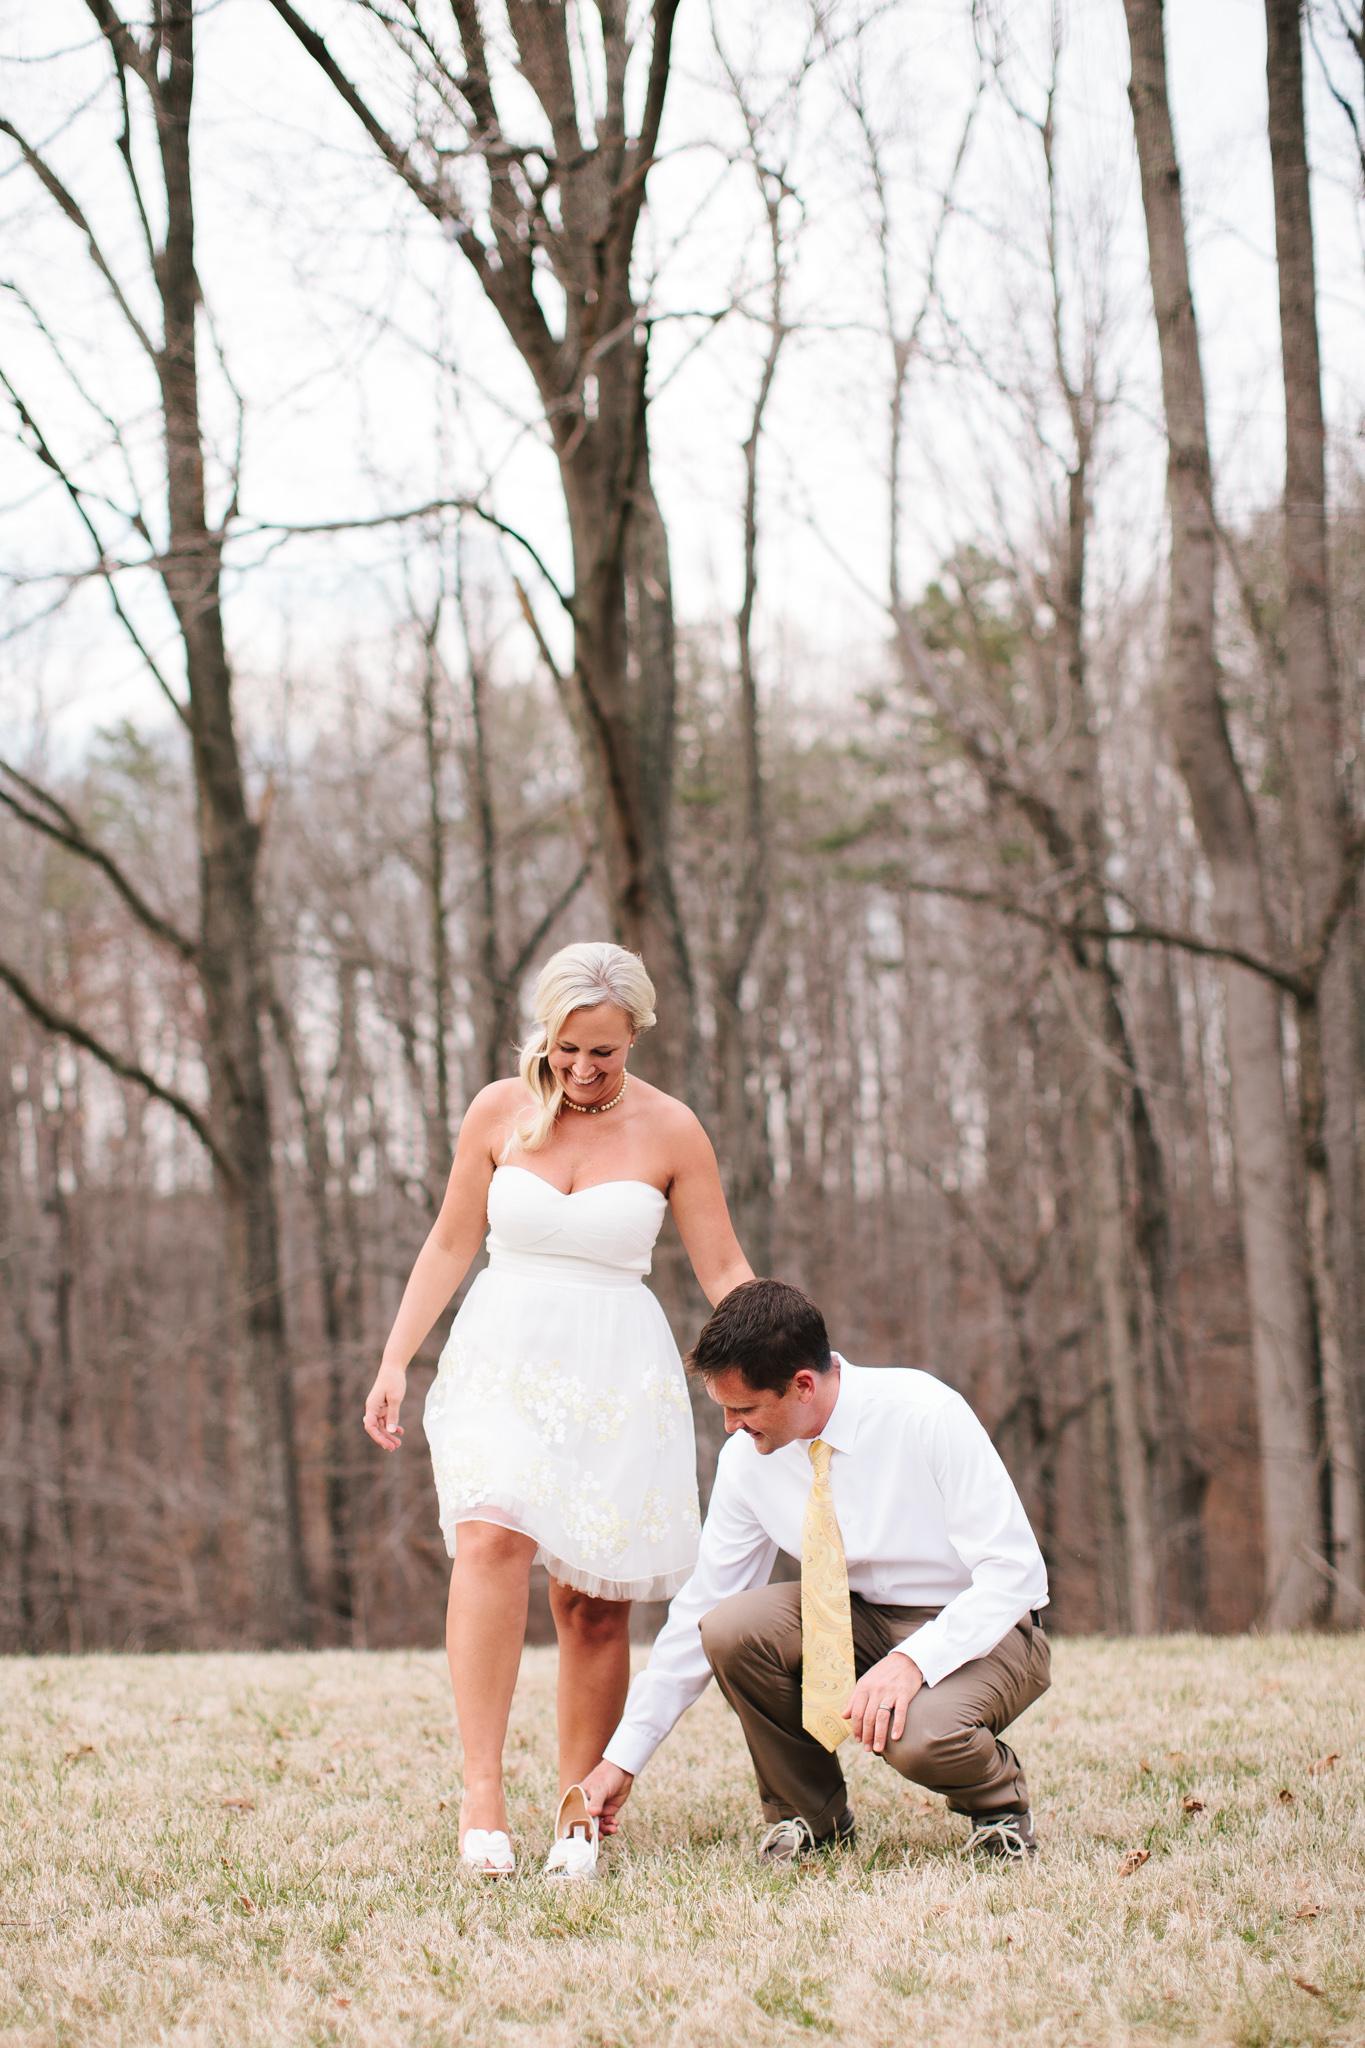 north_carolina_wedding_portraits_tierney_cyanne_photography_1417.jpg